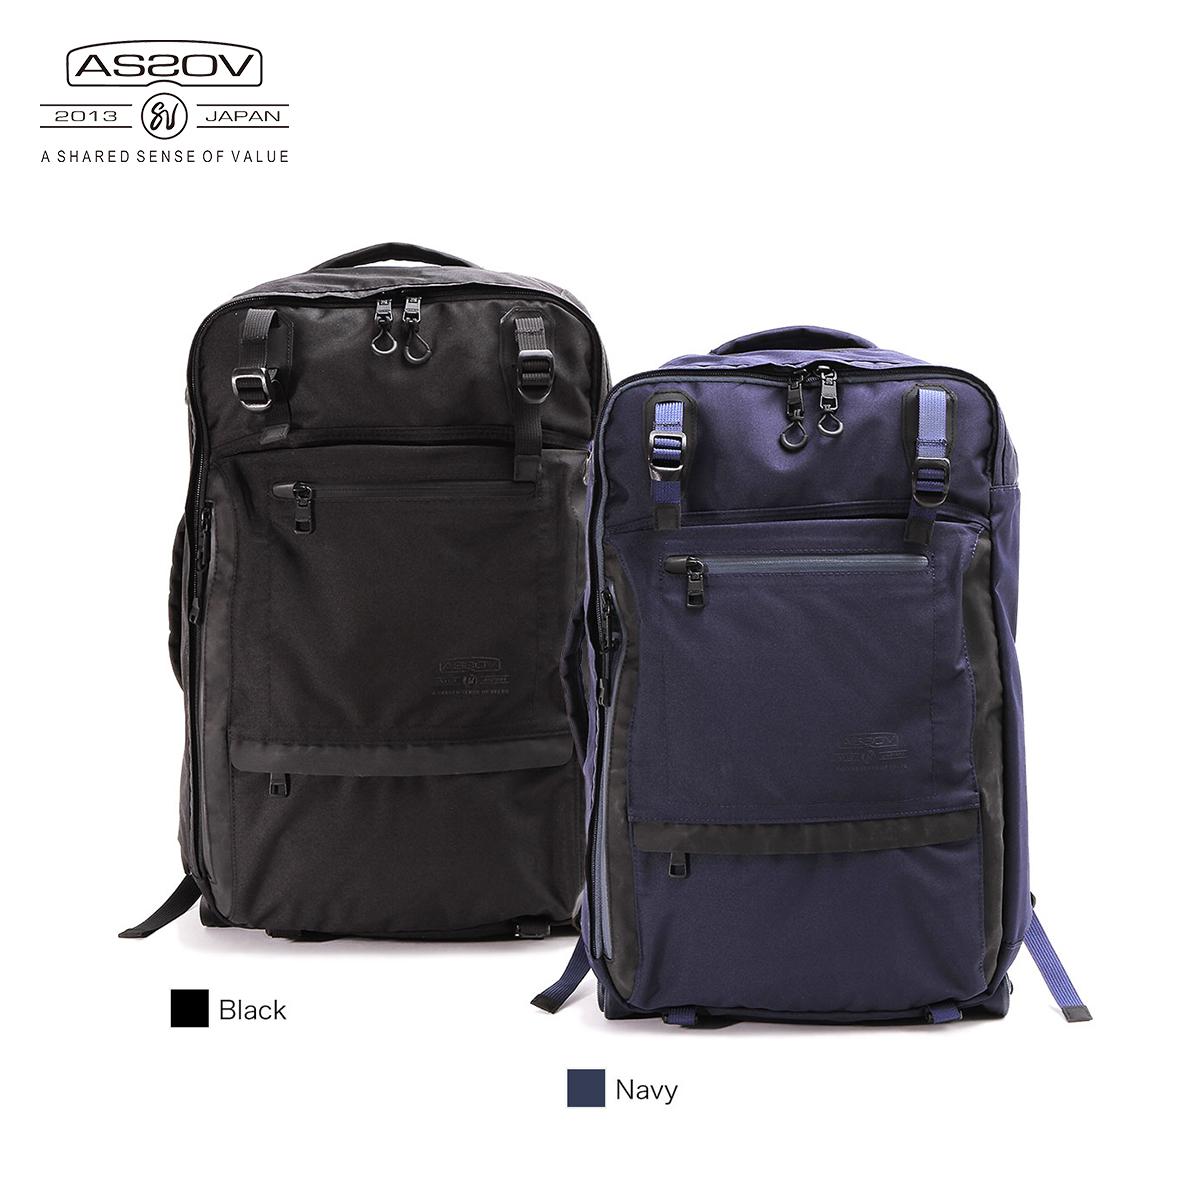 Waterproof Cordura 305D 2way bag - Black As2ov D7HbSSZv